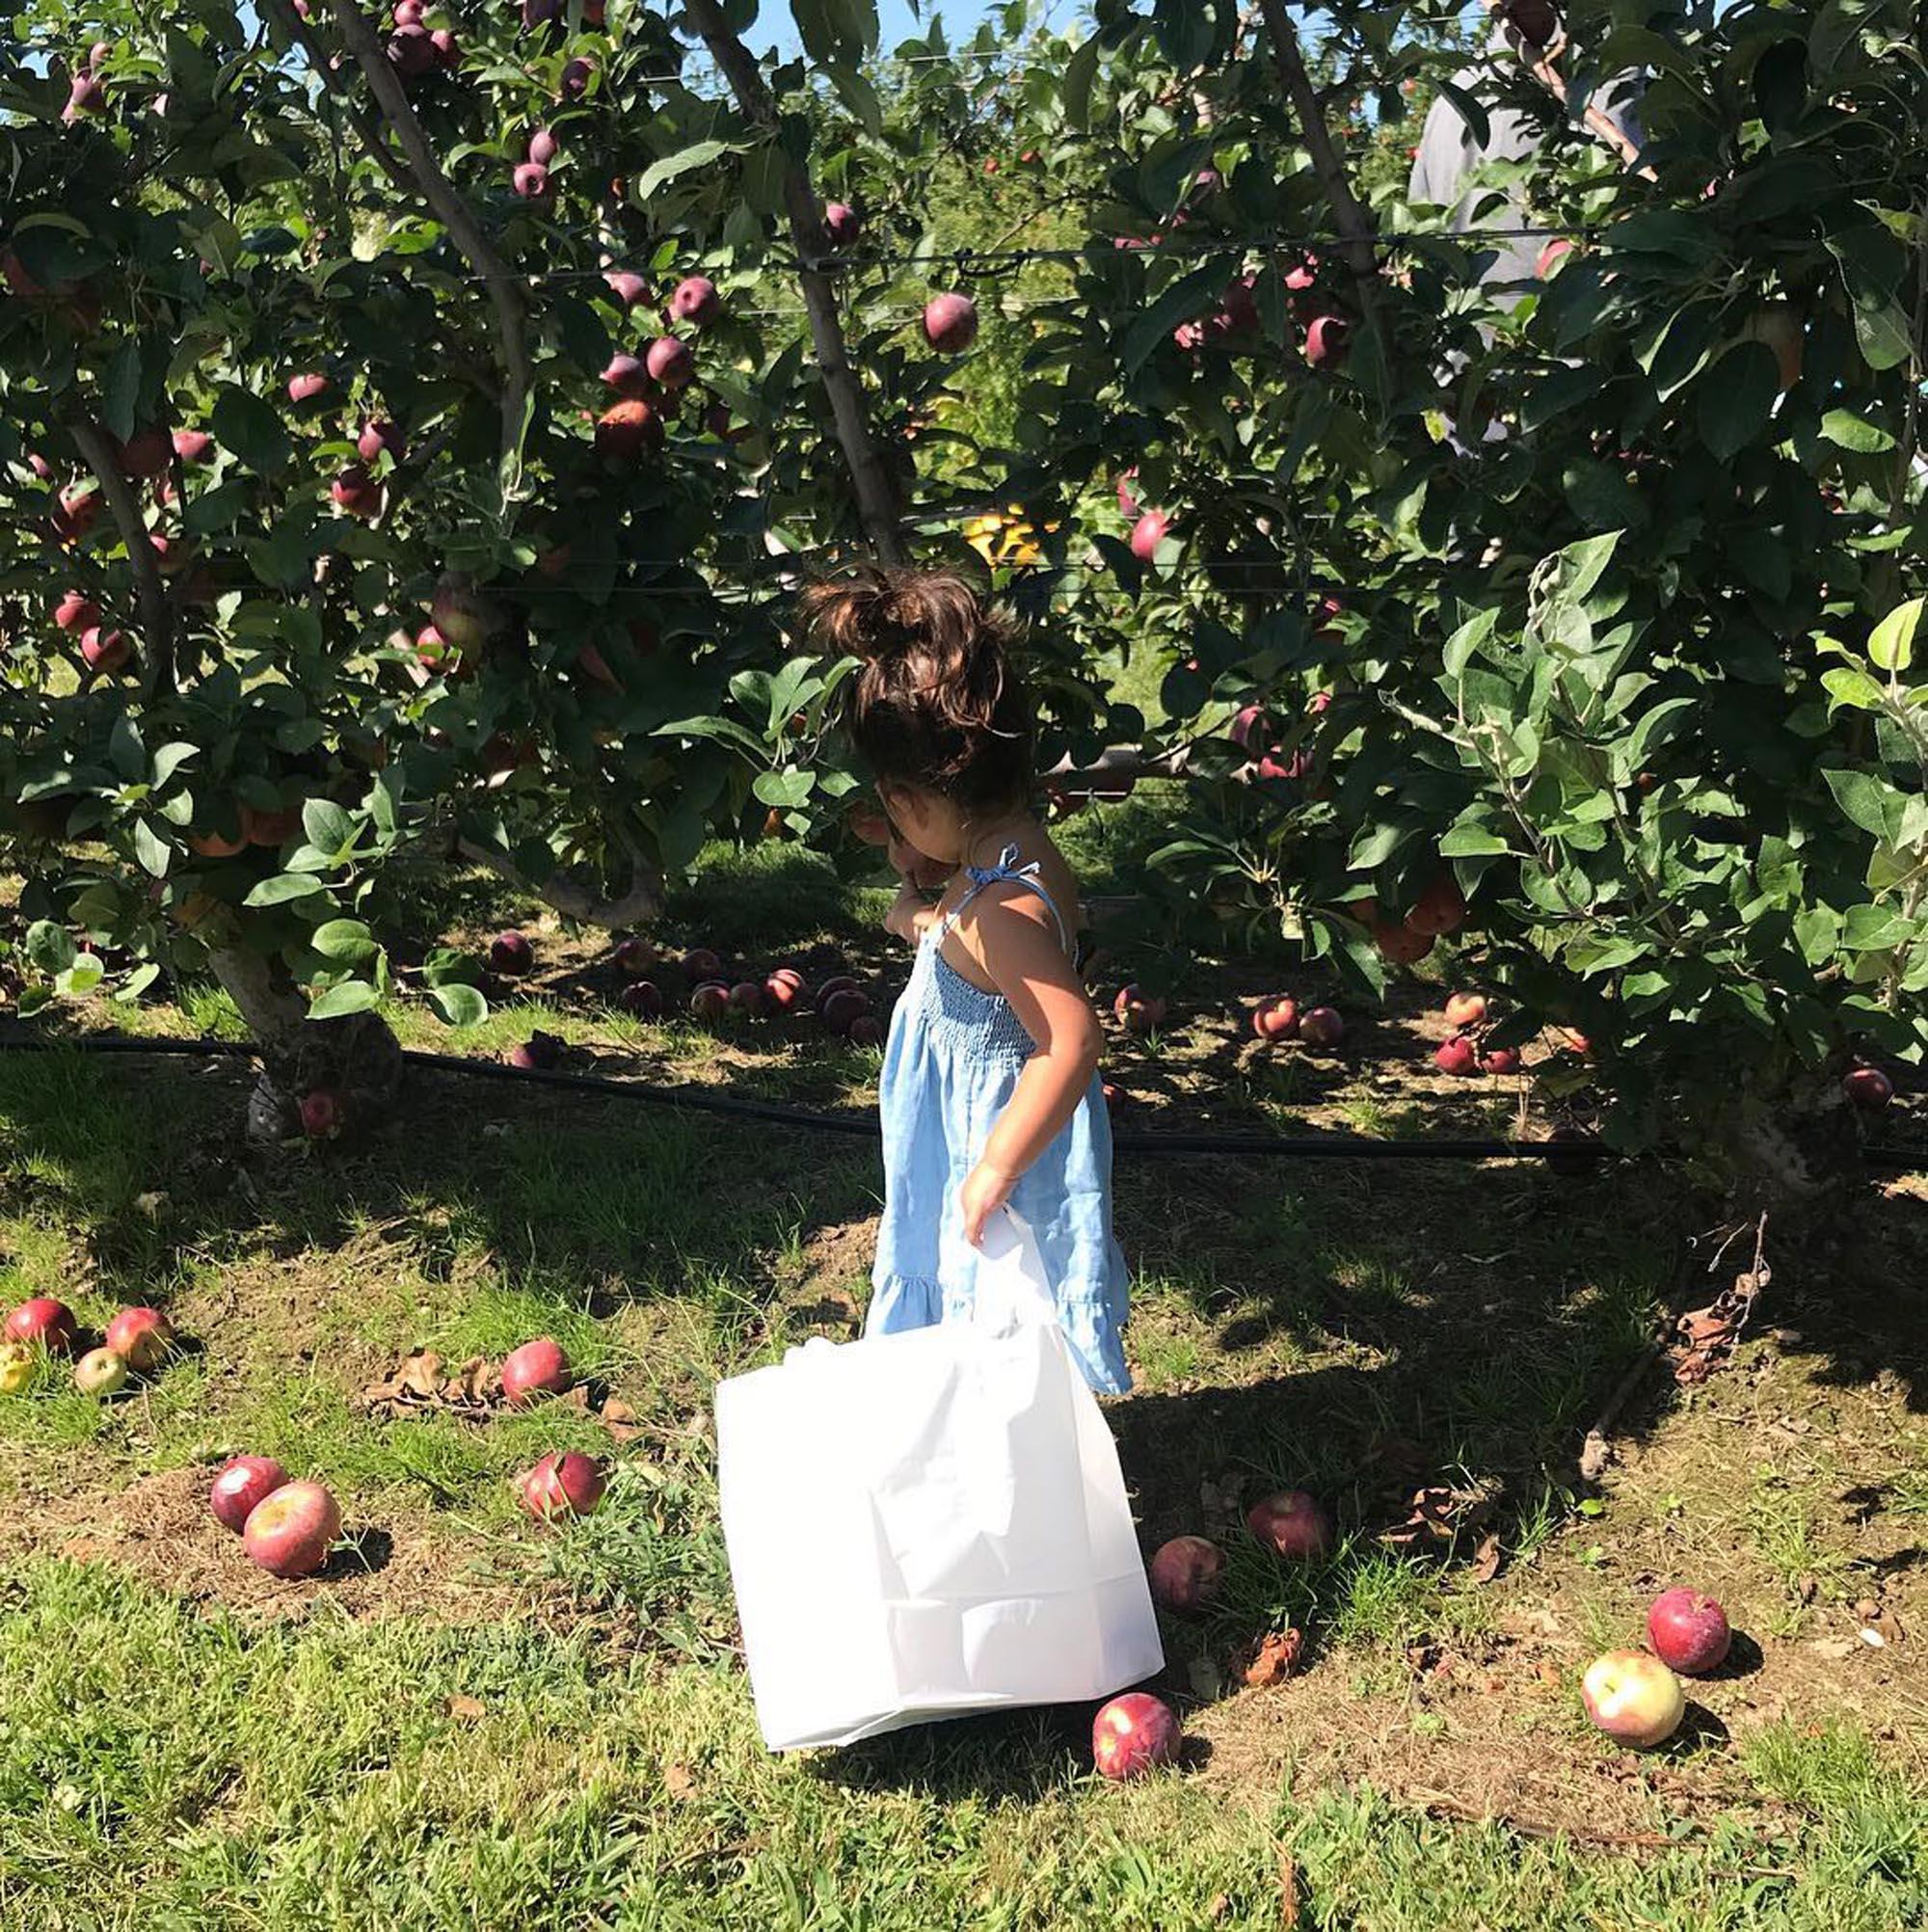 kid-apple-picking